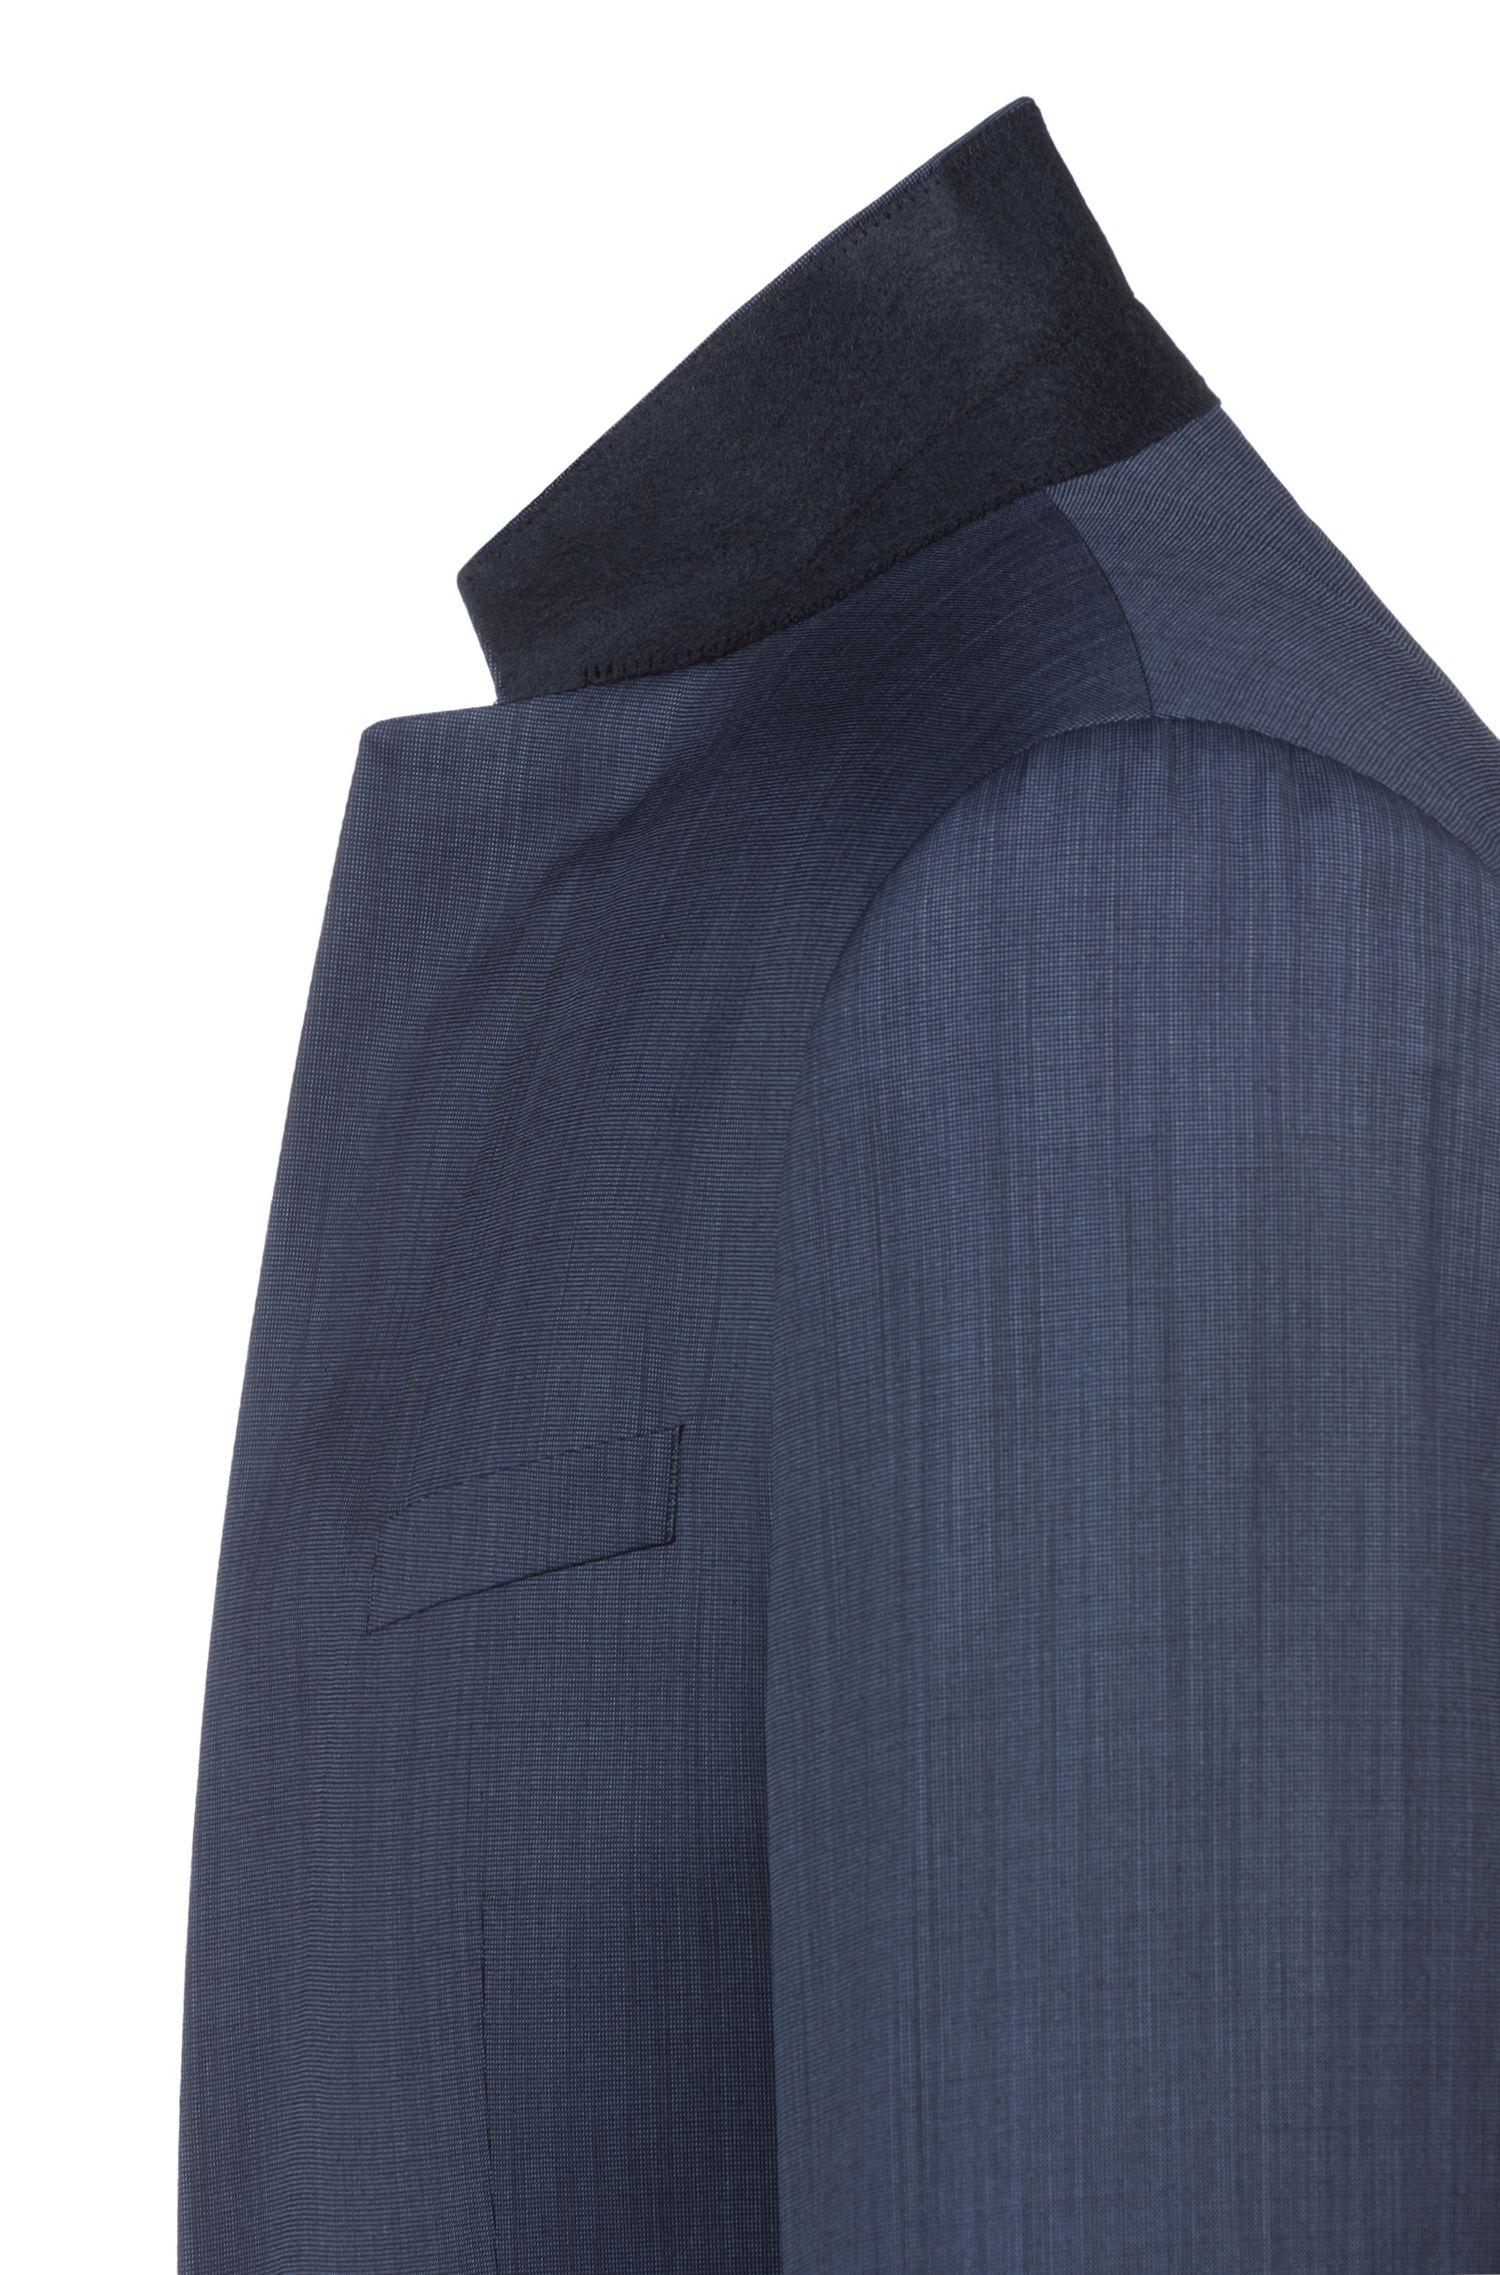 Costume Extra Slim Fit en laine vierge mélangée bicolore, Bleu foncé